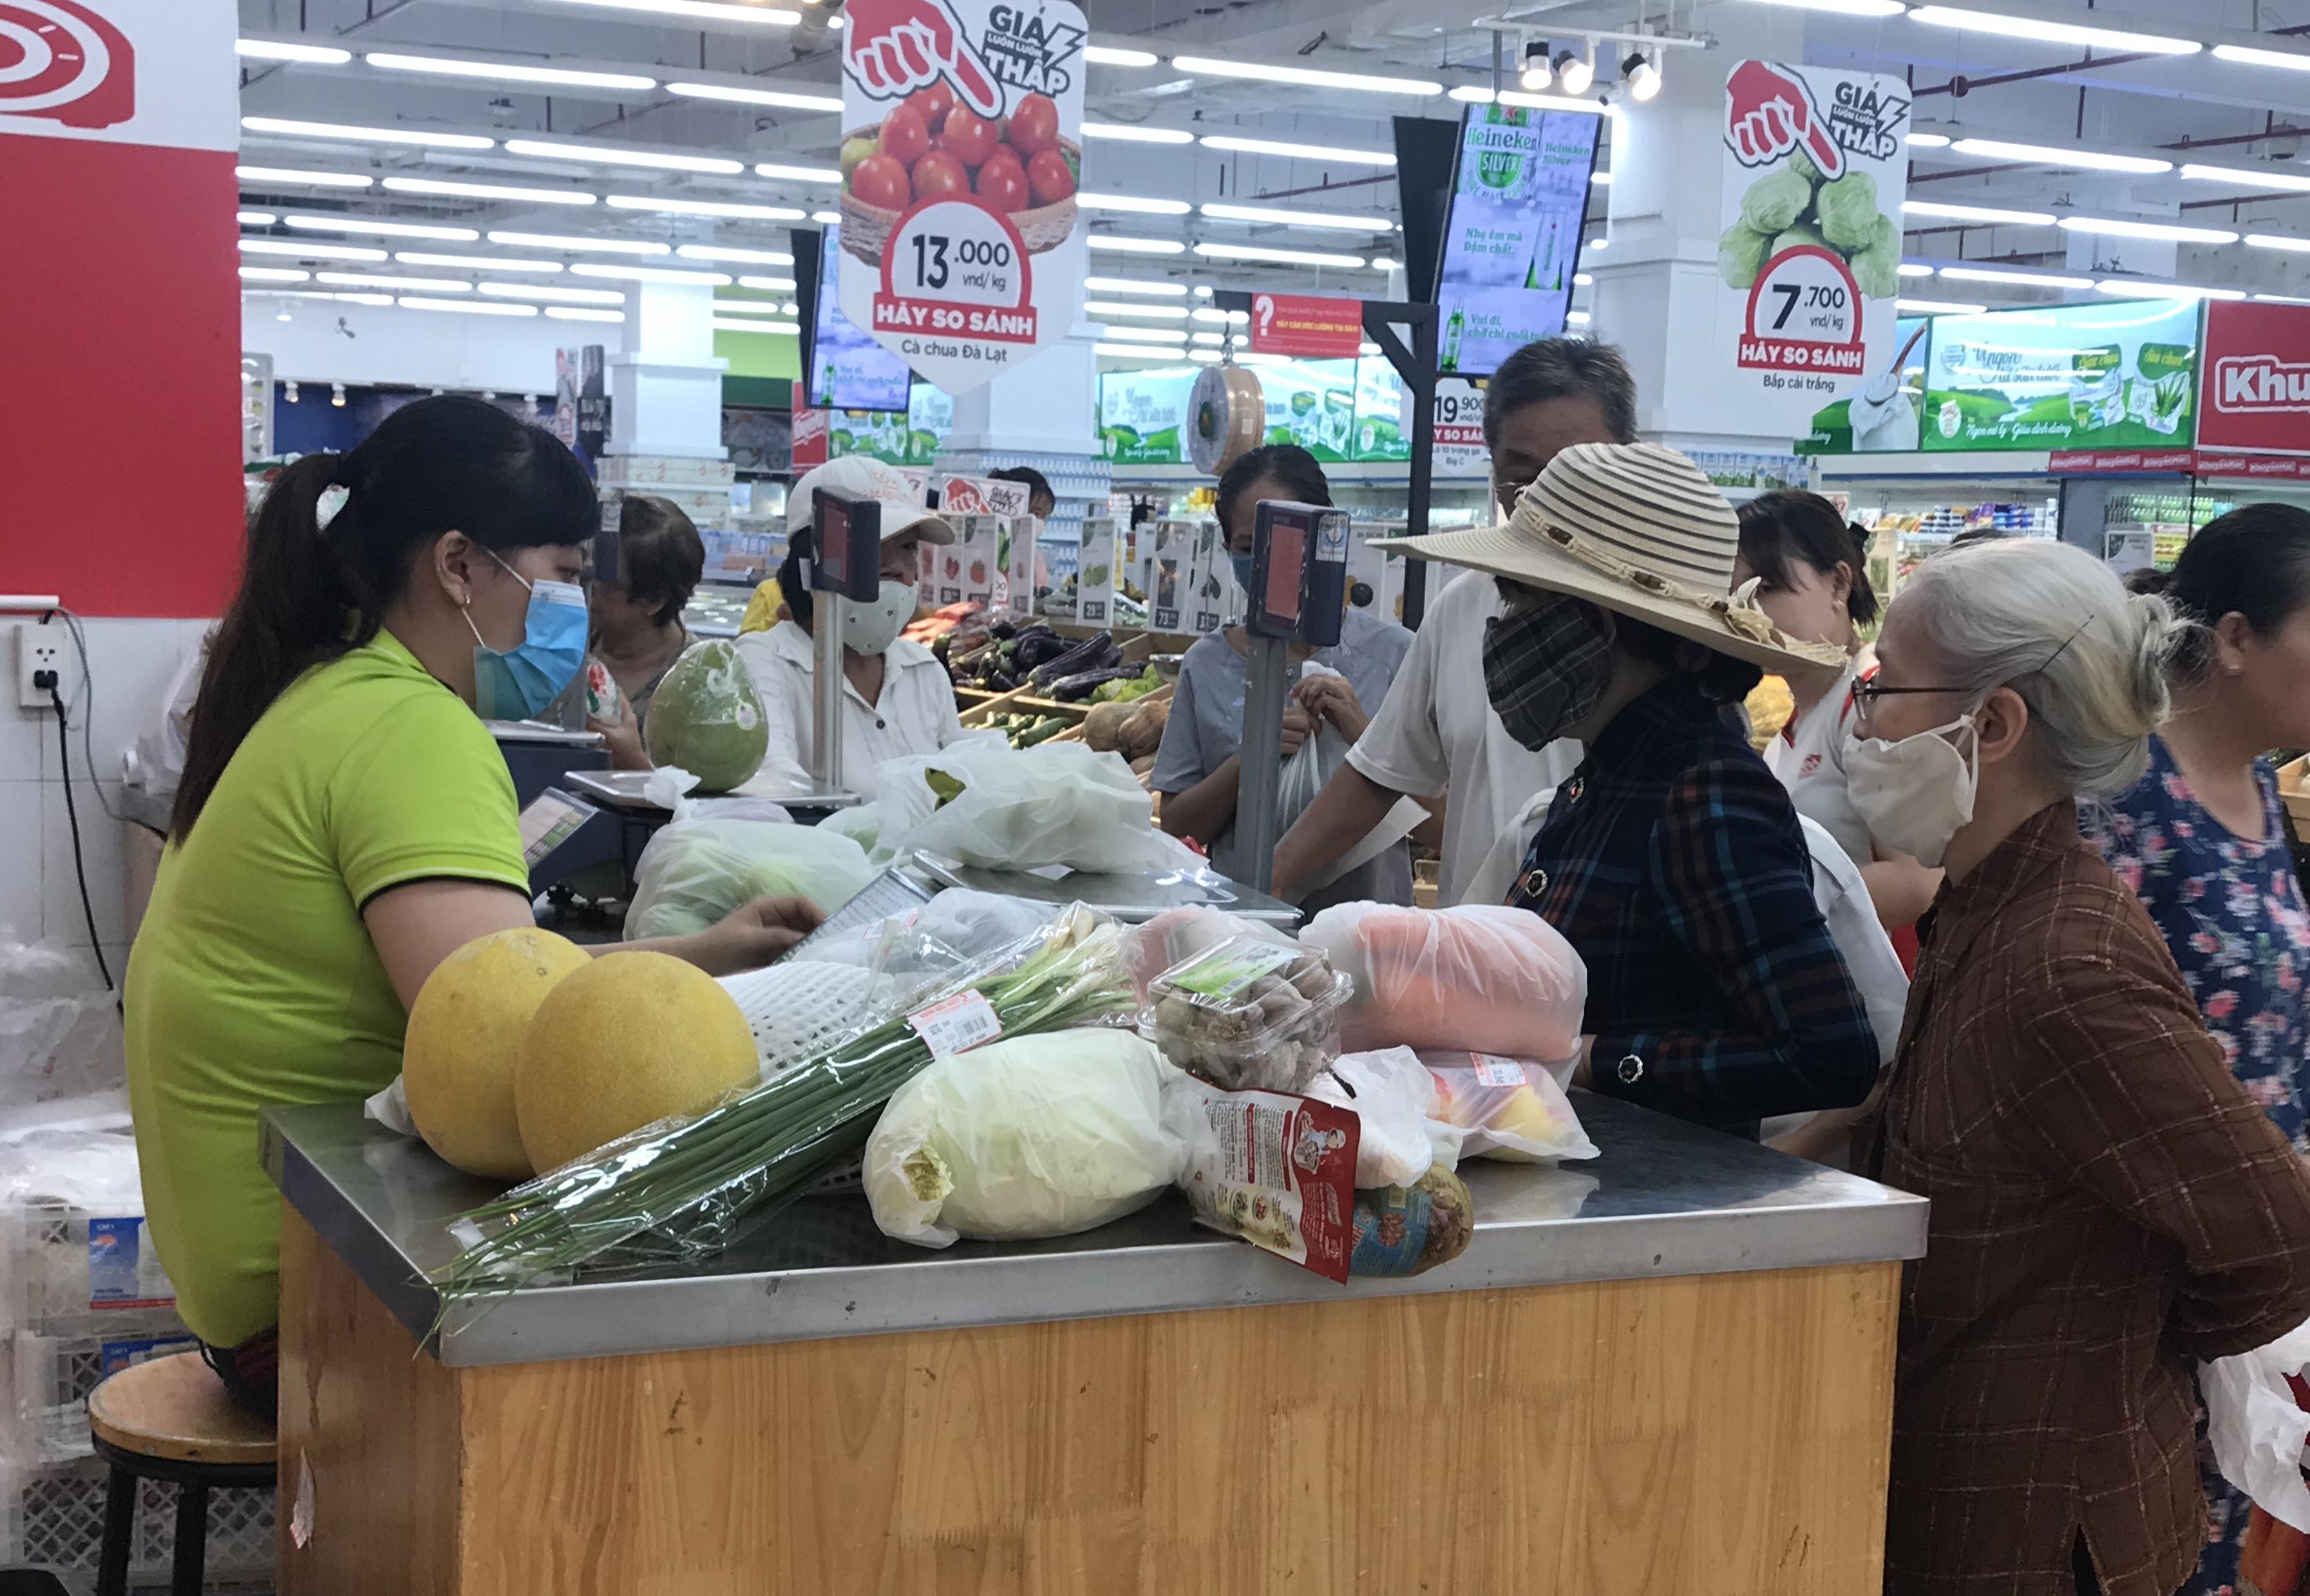 Sắp đóng cửa, Big C miền Đông ồ ạt khuyến mãi, người tiêu dùng lạc trong mê cung hàng giá sốc - Ảnh 12.